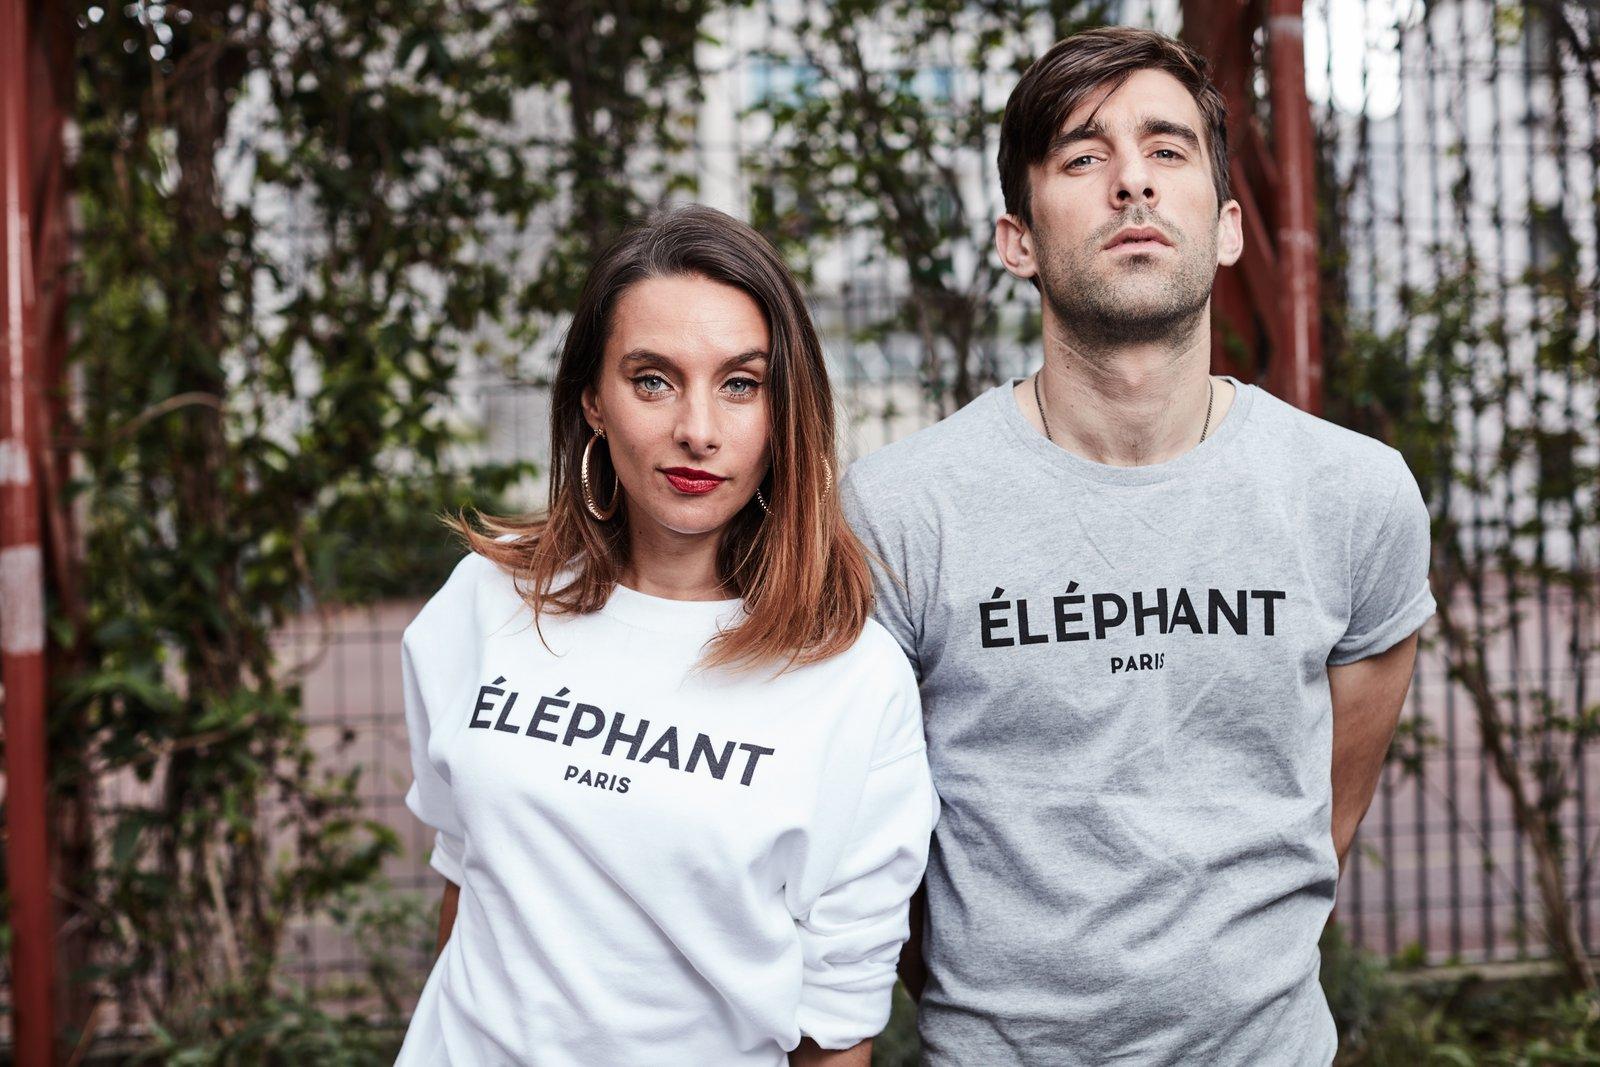 La boutique d'Elephant